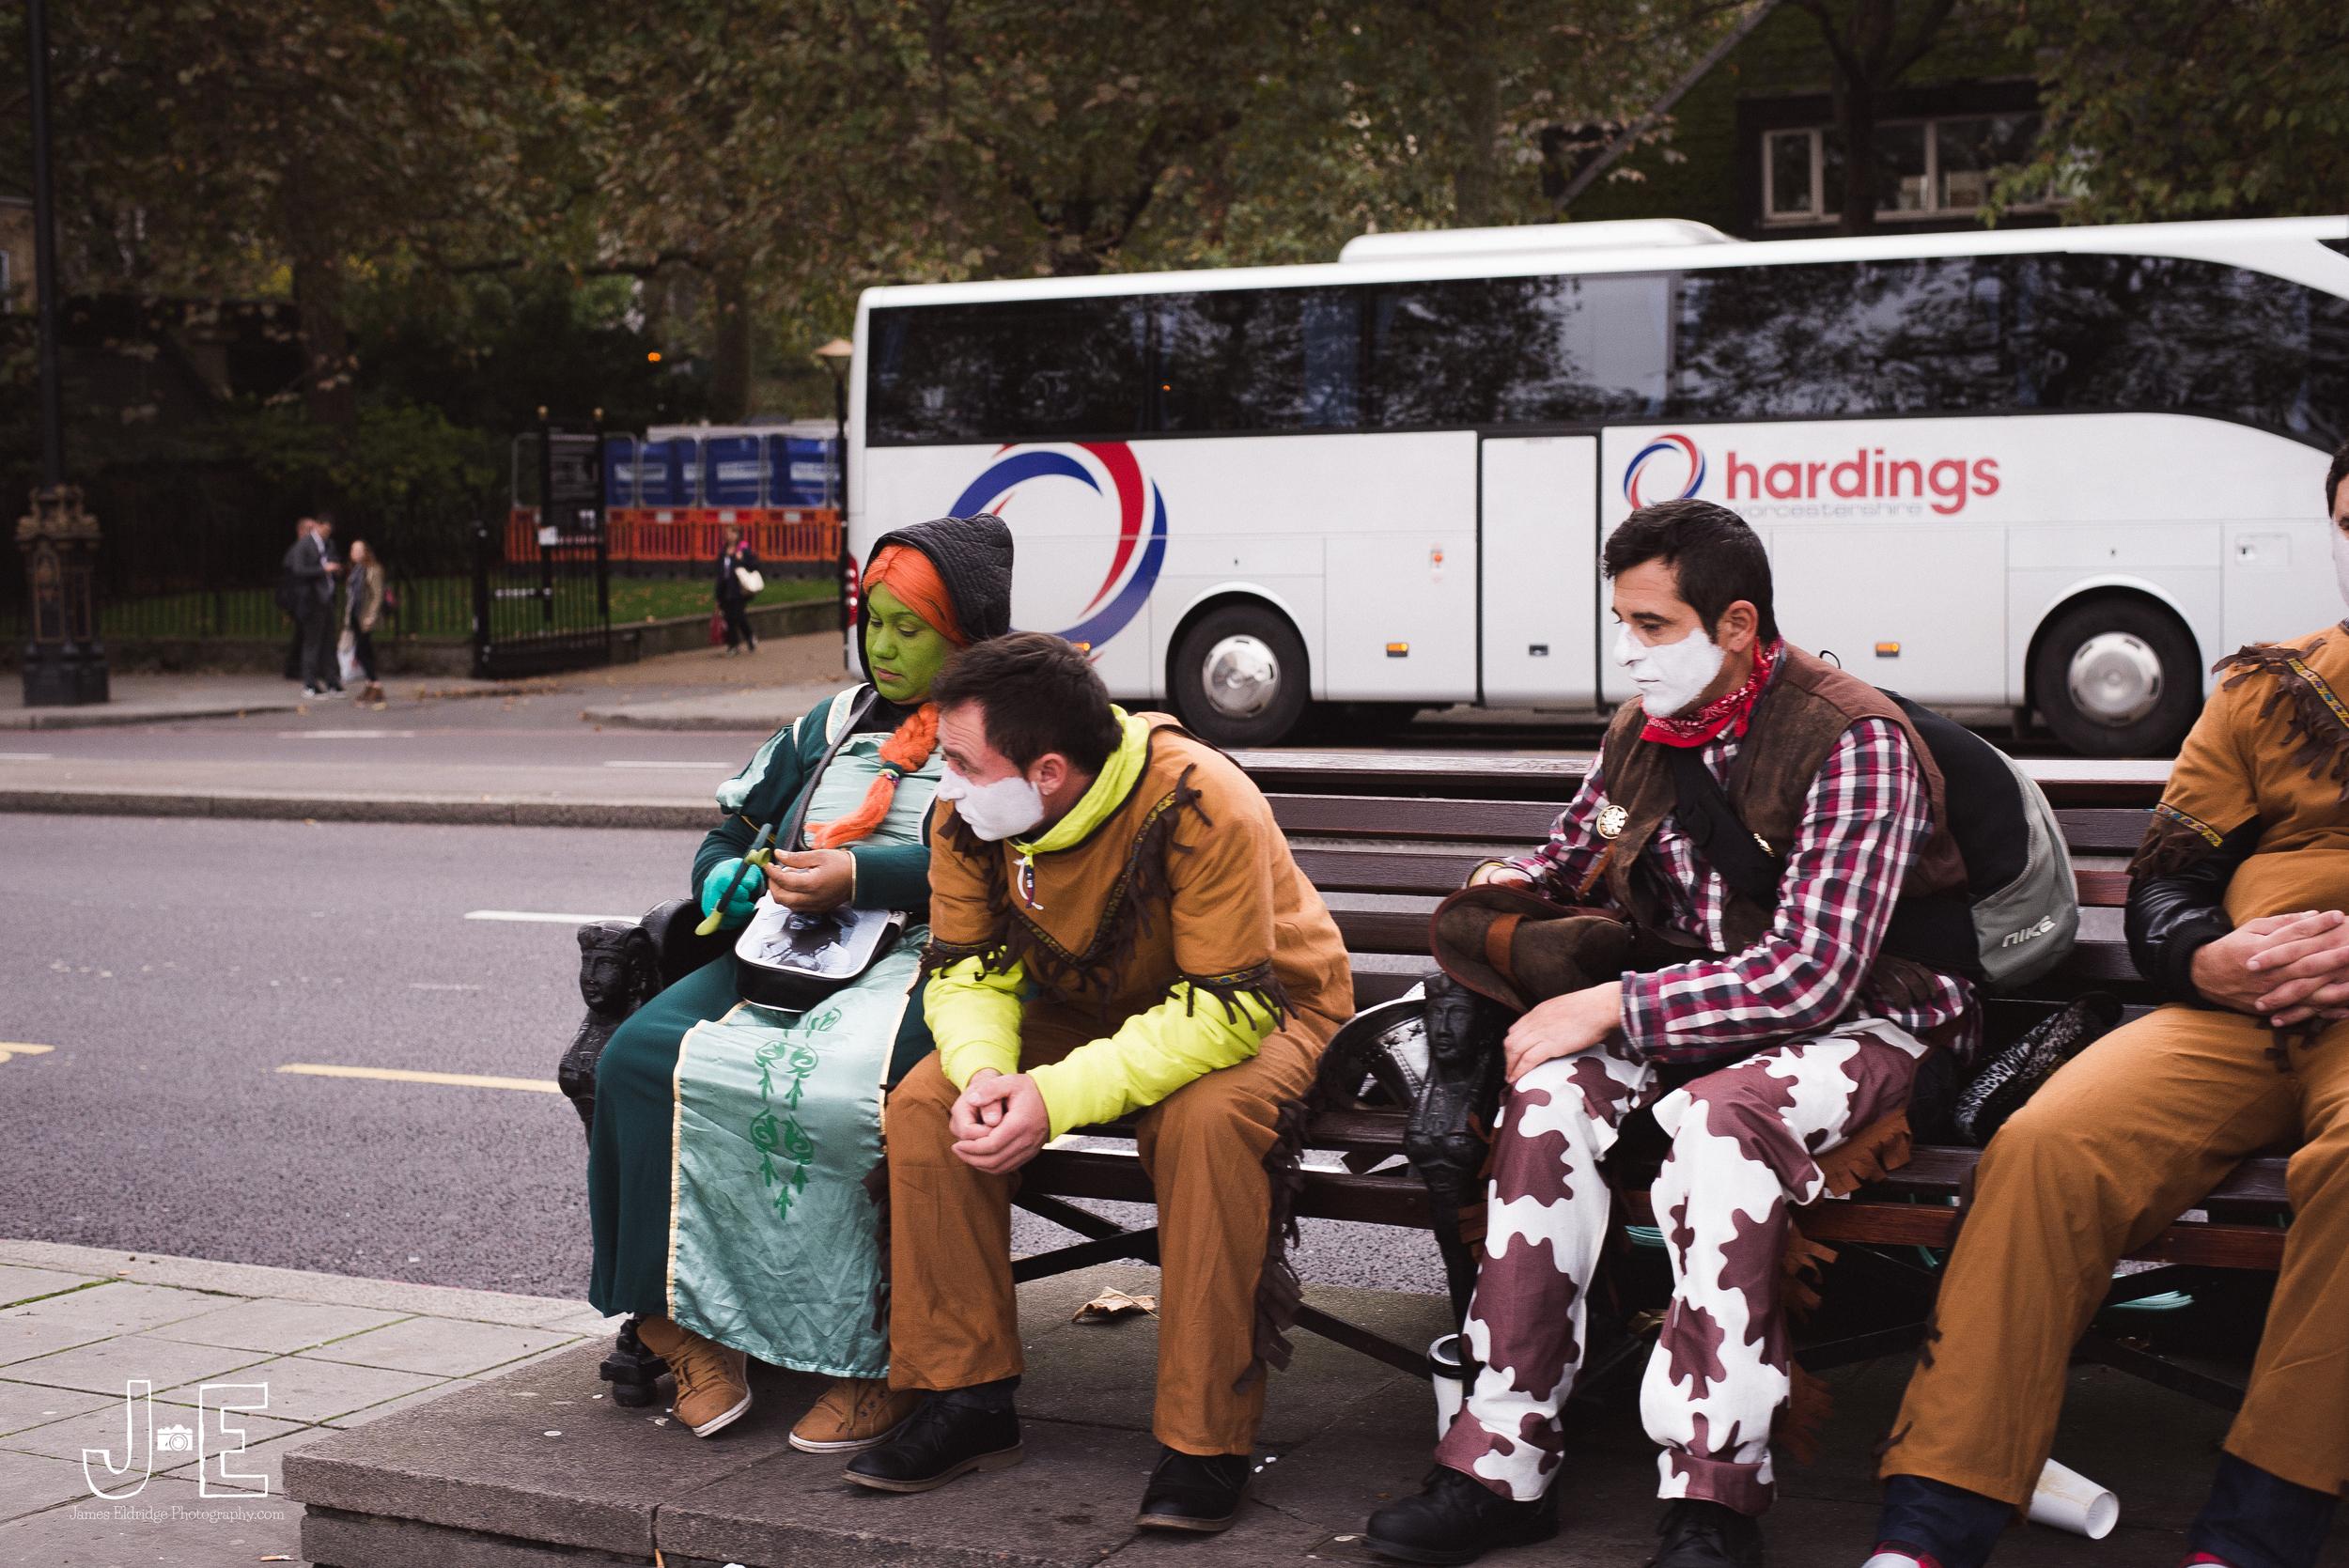 Street performers london